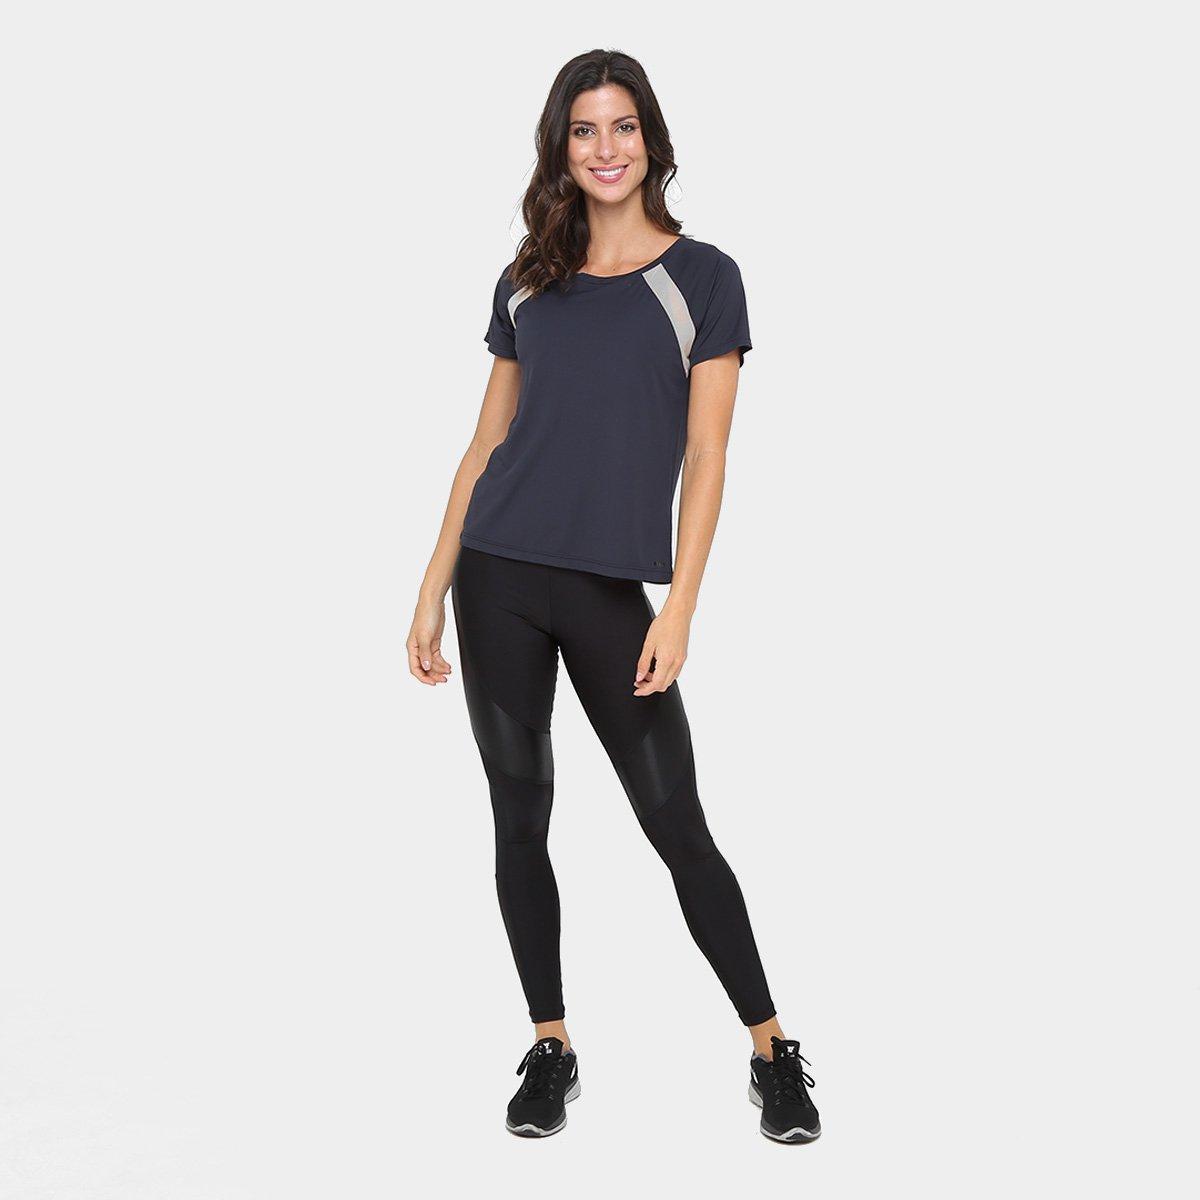 Camiseta Memo Tule Camiseta Preto Feminina Memo Feminina Faixa Tule Camiseta Preto Memo Faixa R4AHqx